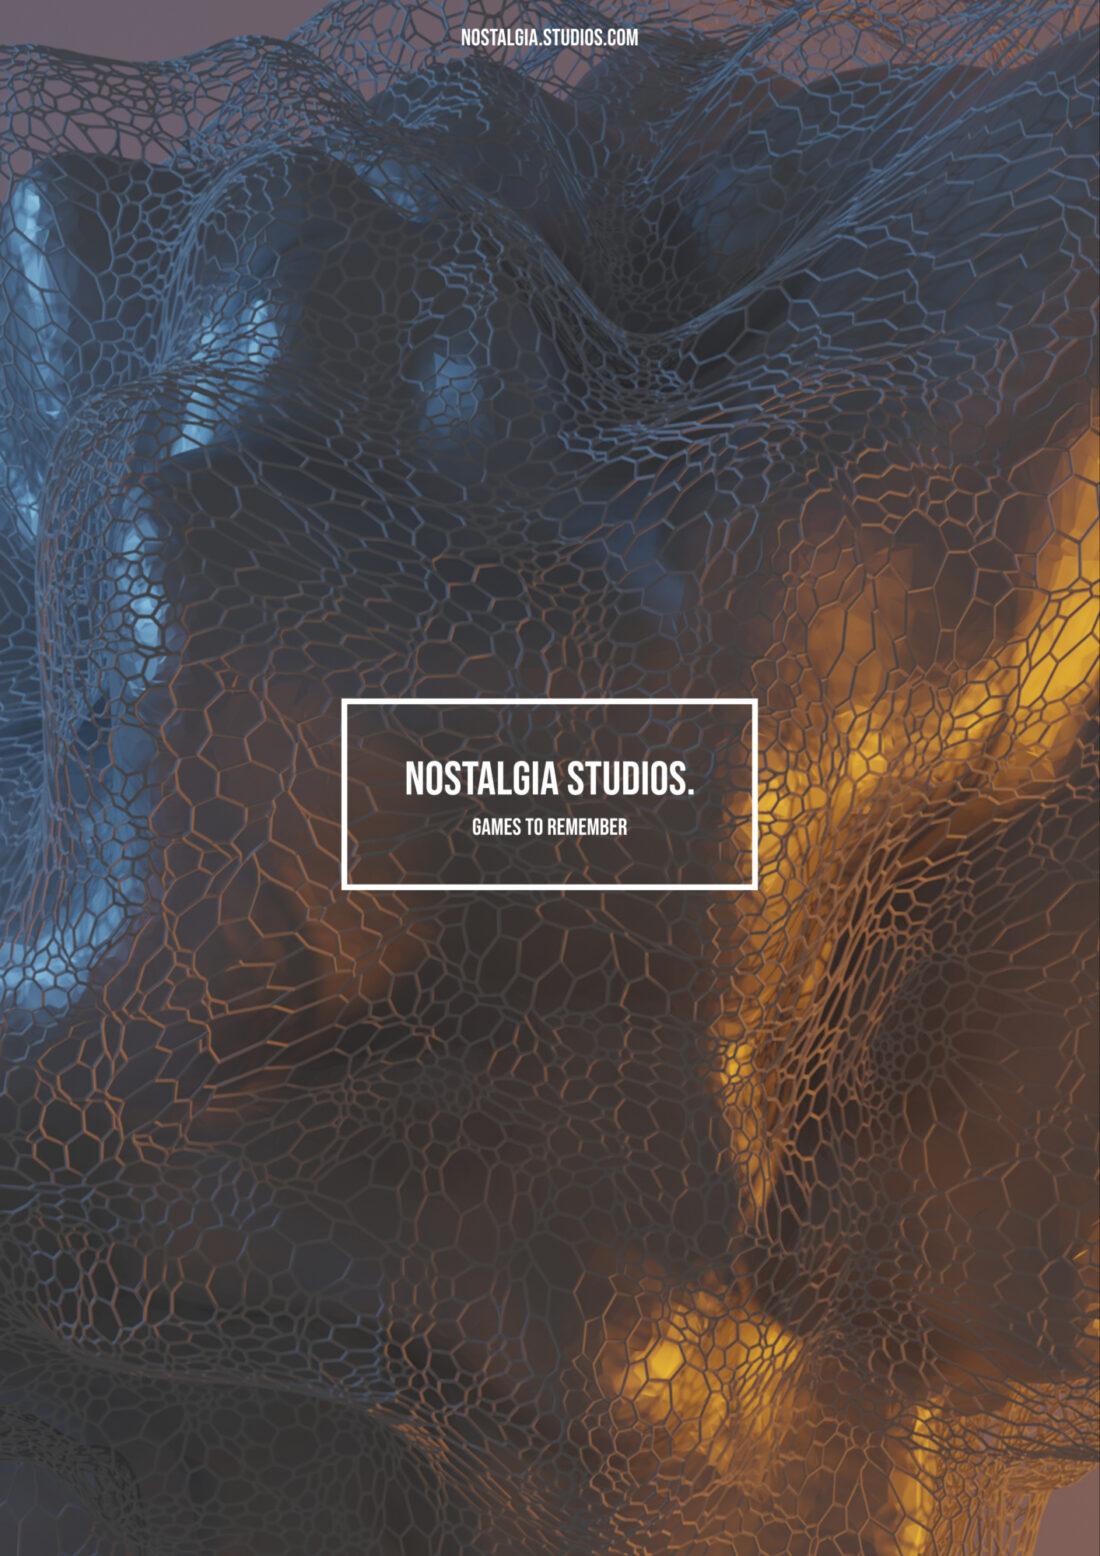 Nostalgia Studios